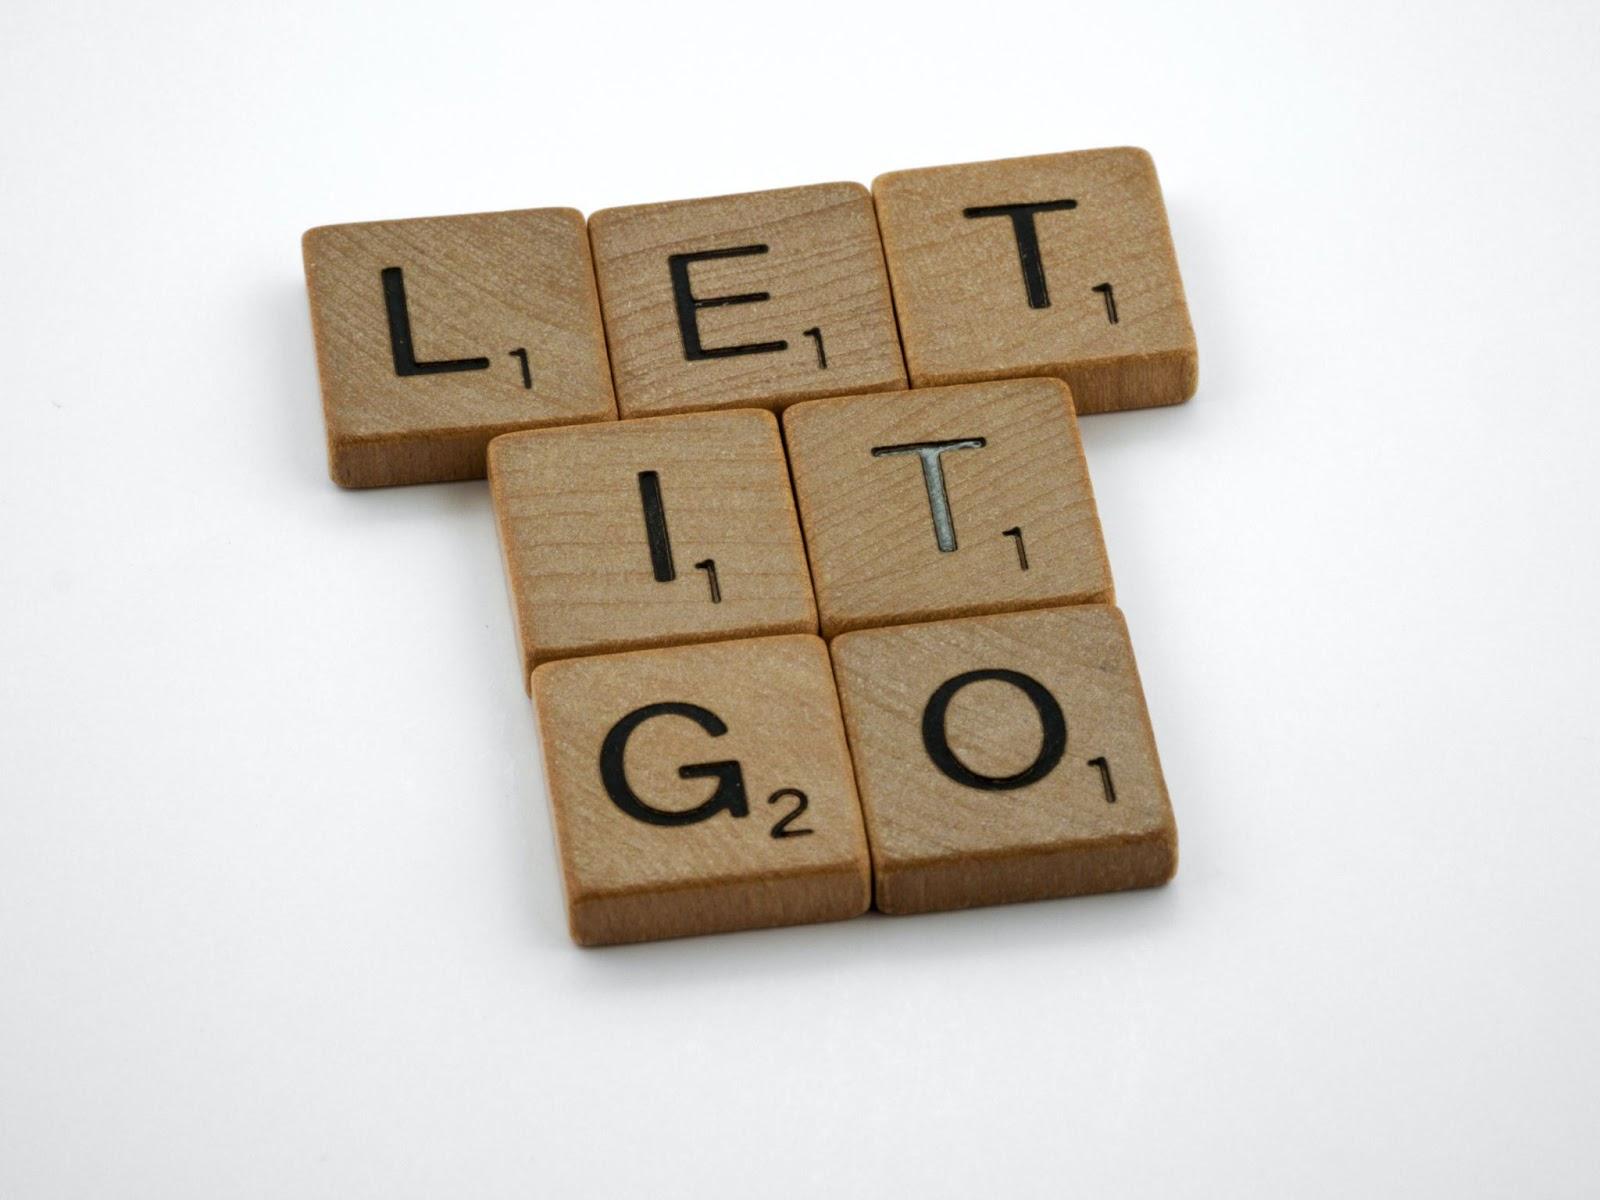 Scrabble pieces spelling out Let It Go